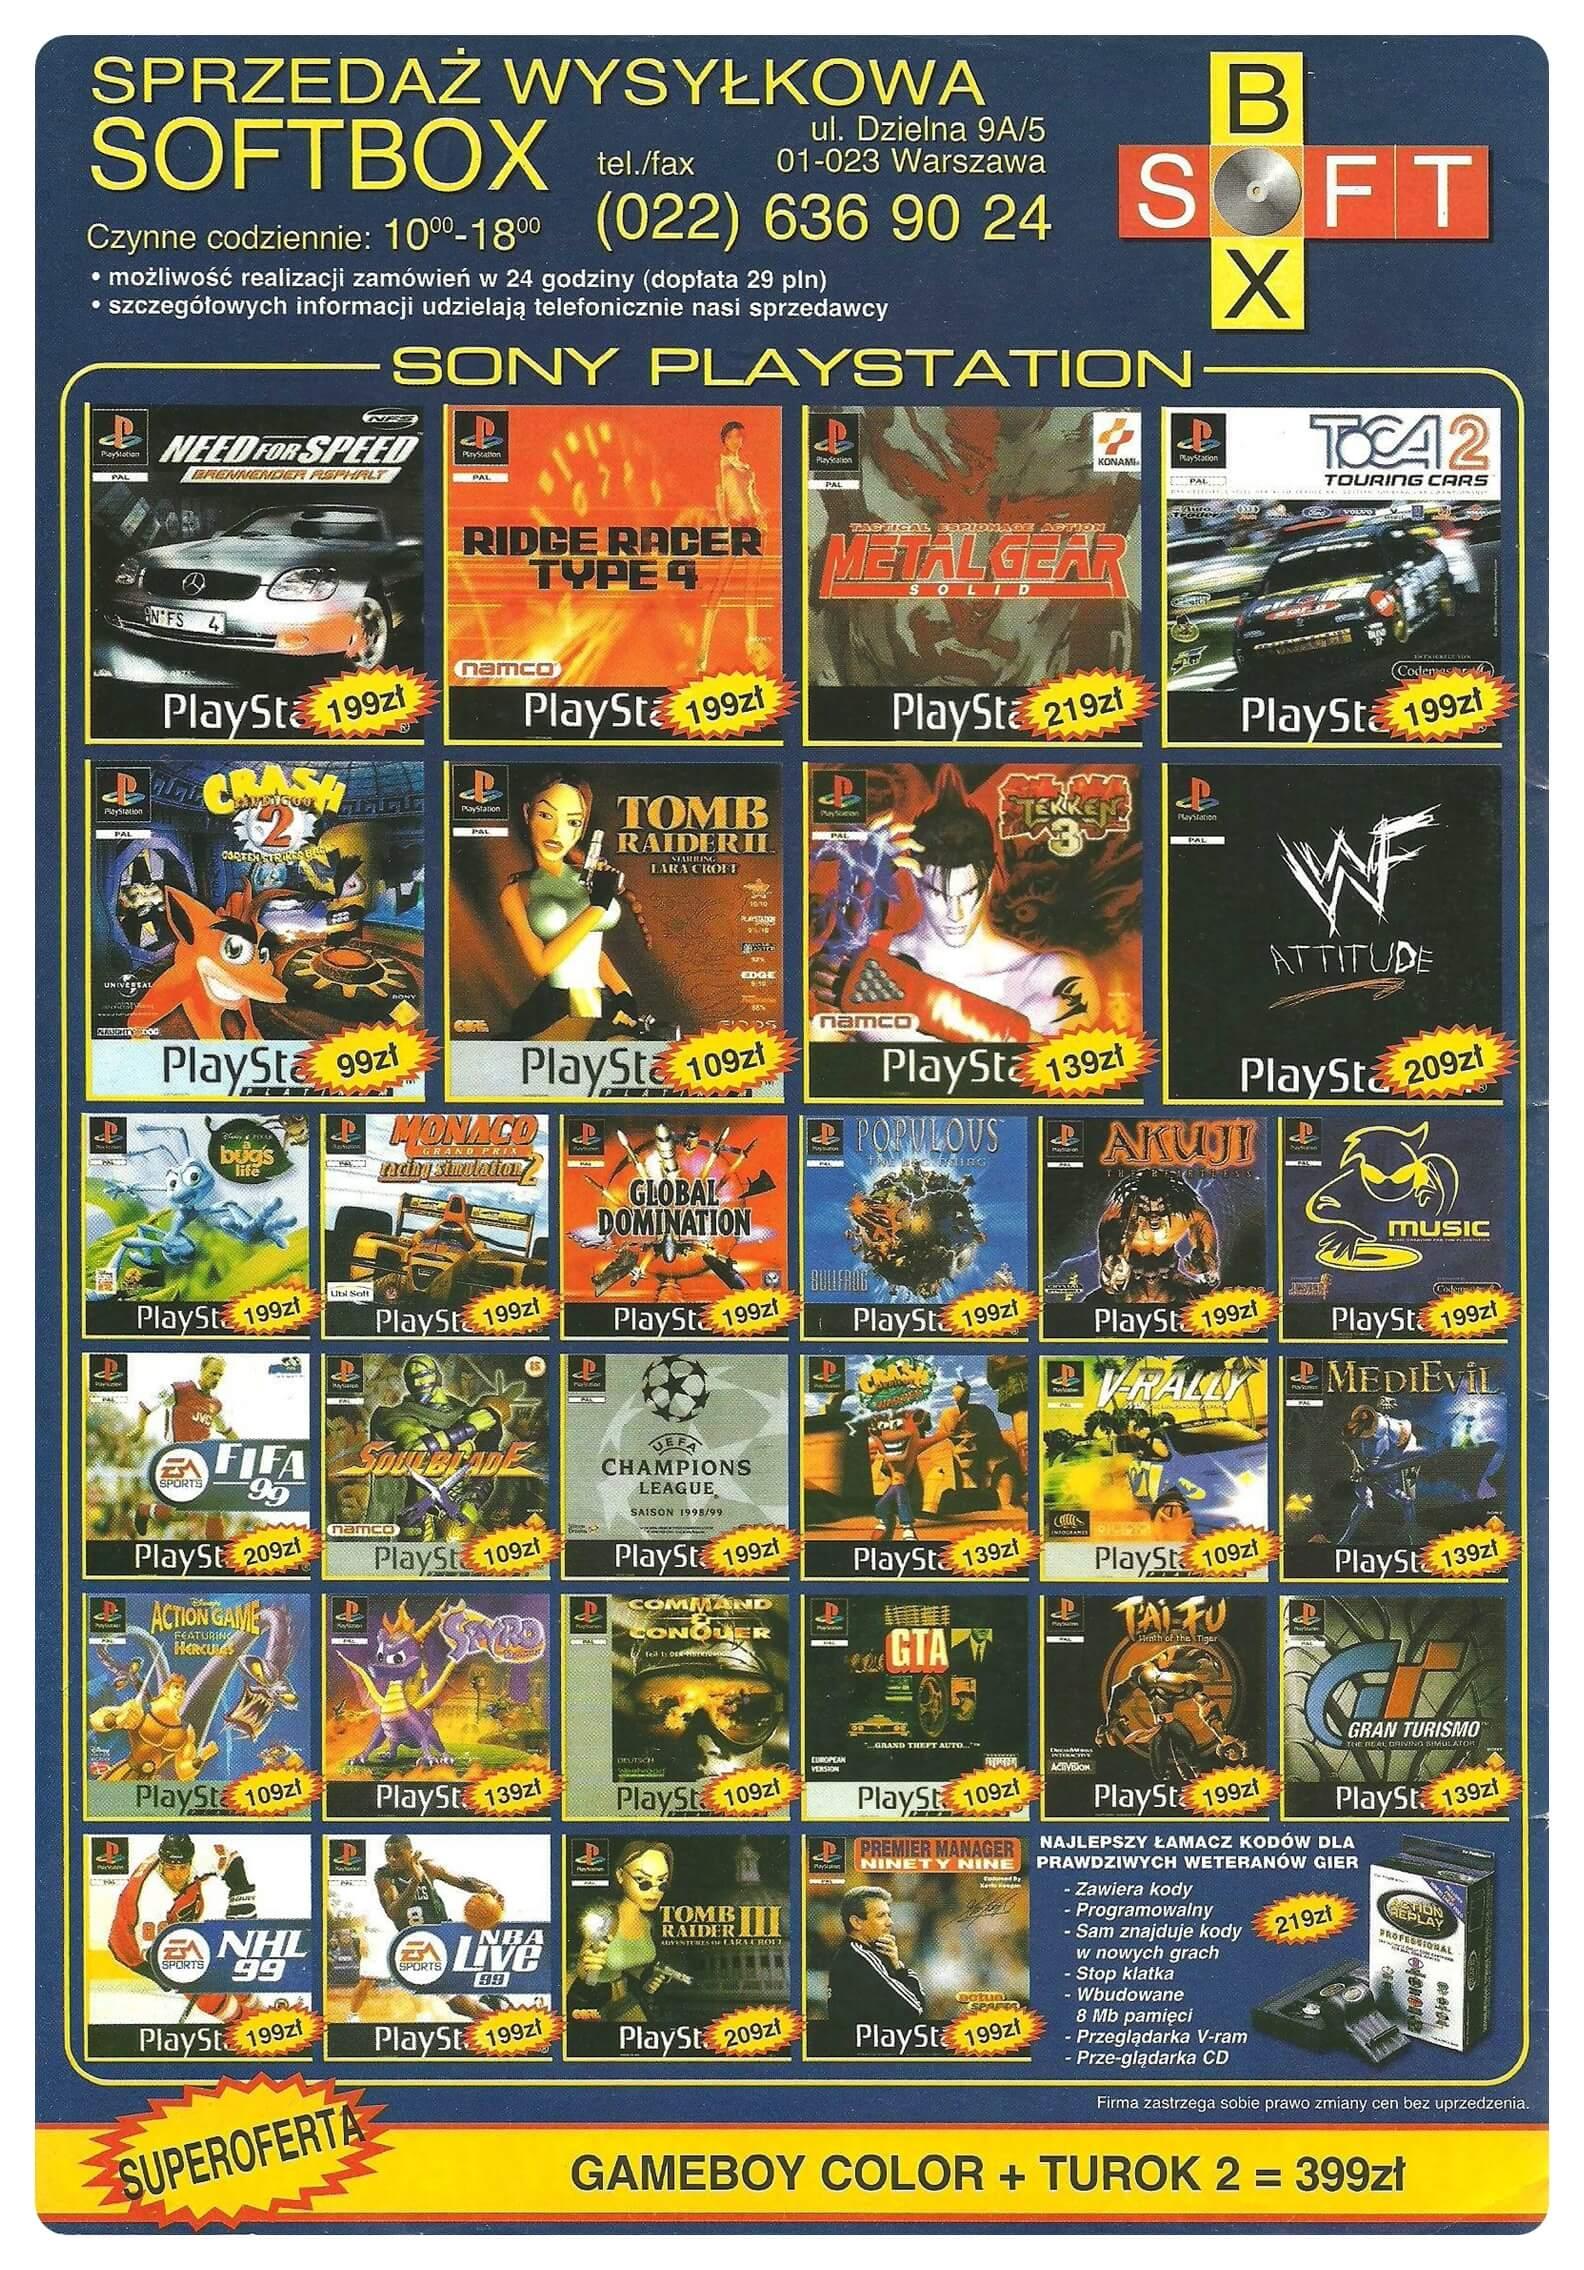 Neo Plus nr 011 19992q4 - Jak wyglądały ceny różnych konsol w Polsce w latach 1996-2006?